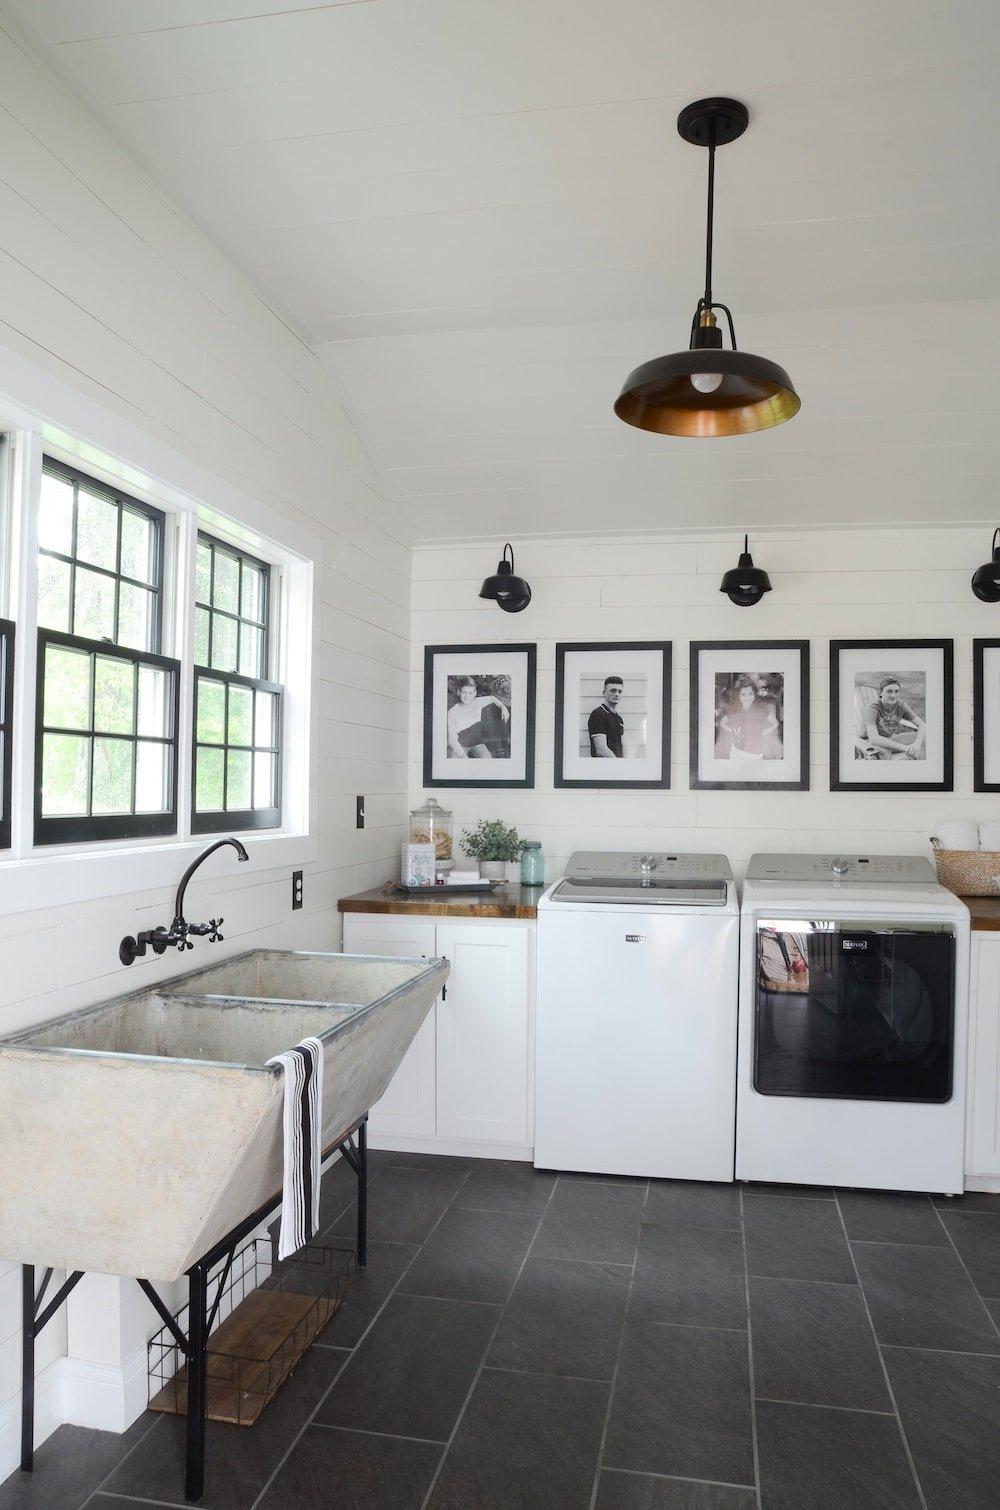 Farmhouse Ideas For The Laundry Room